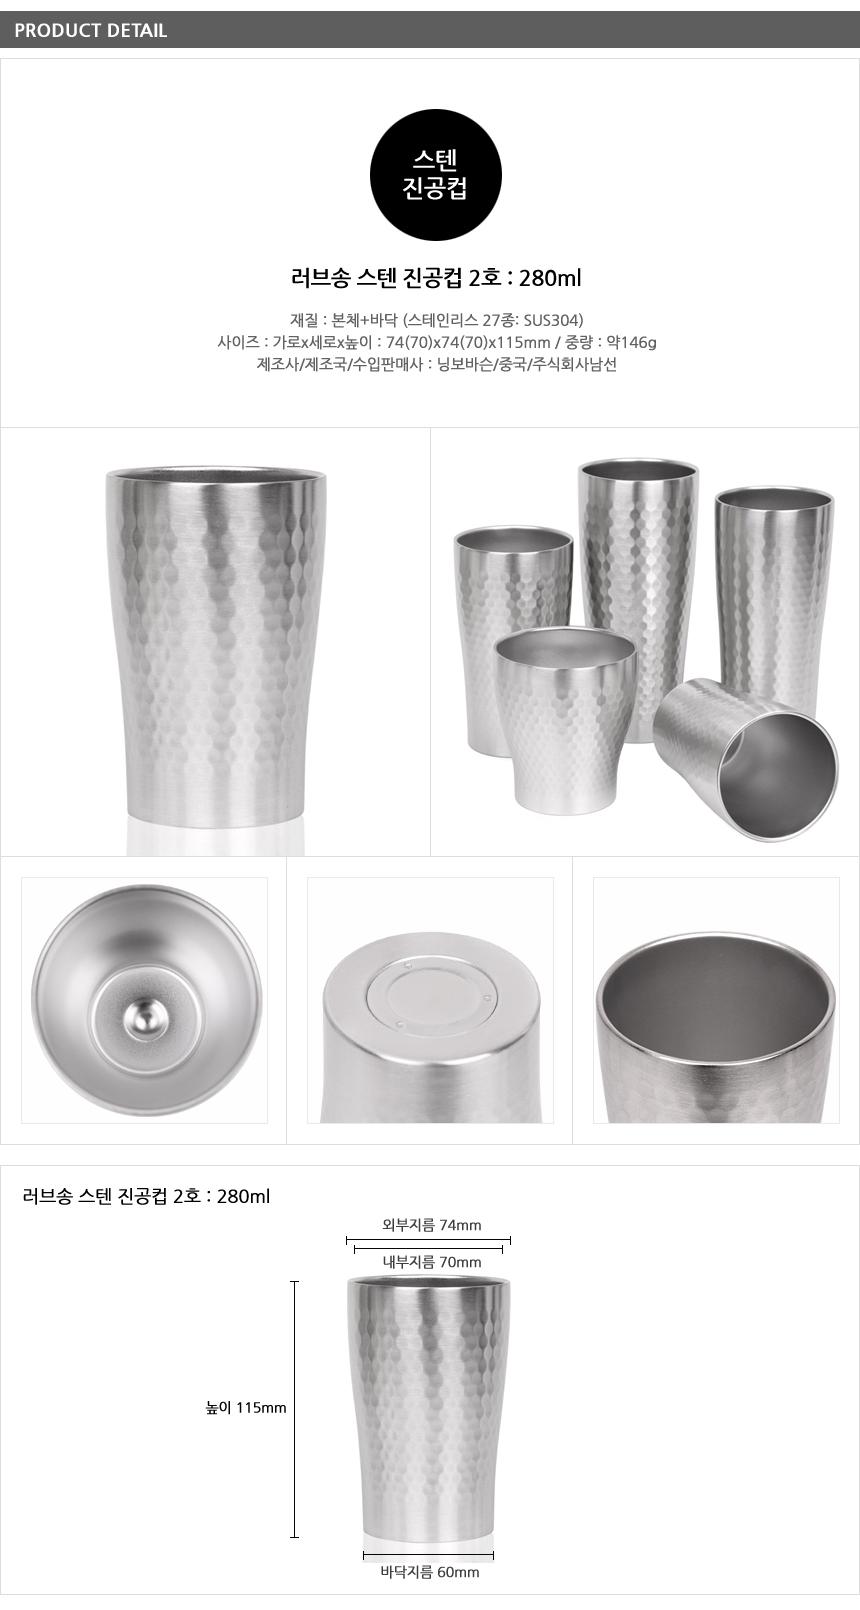 102_03_detail_st_vacuum_cup_no2_280_860.jpg